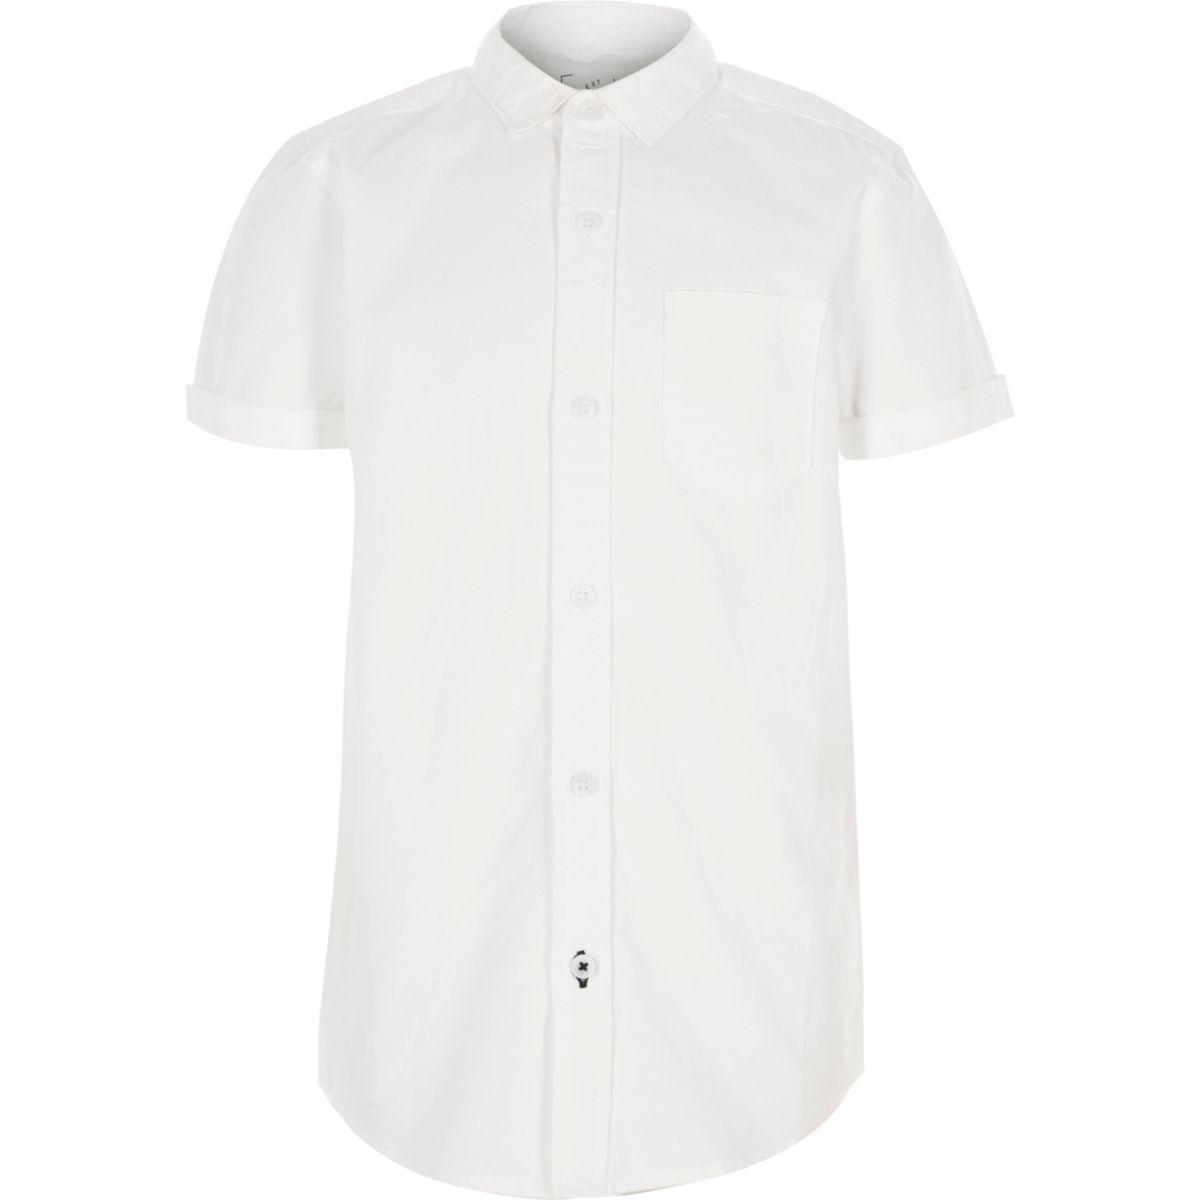 Chemise Oxford blanche à manches courtes pour garçon